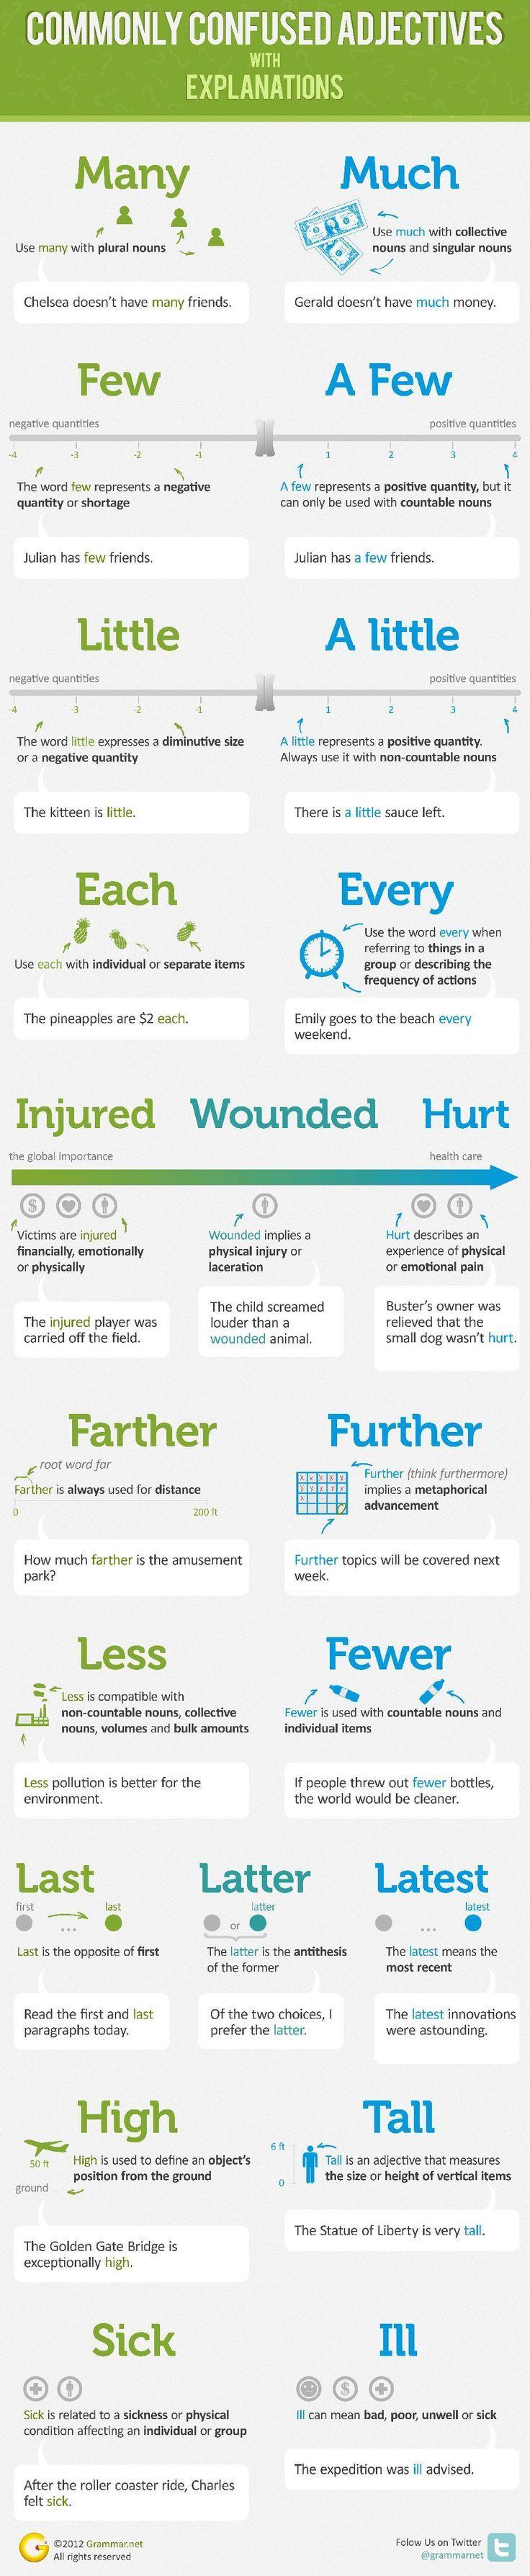 Educational infographic : Inglés es un idioma difícil! Usted puede aprender Inglés mediante Pronunciato